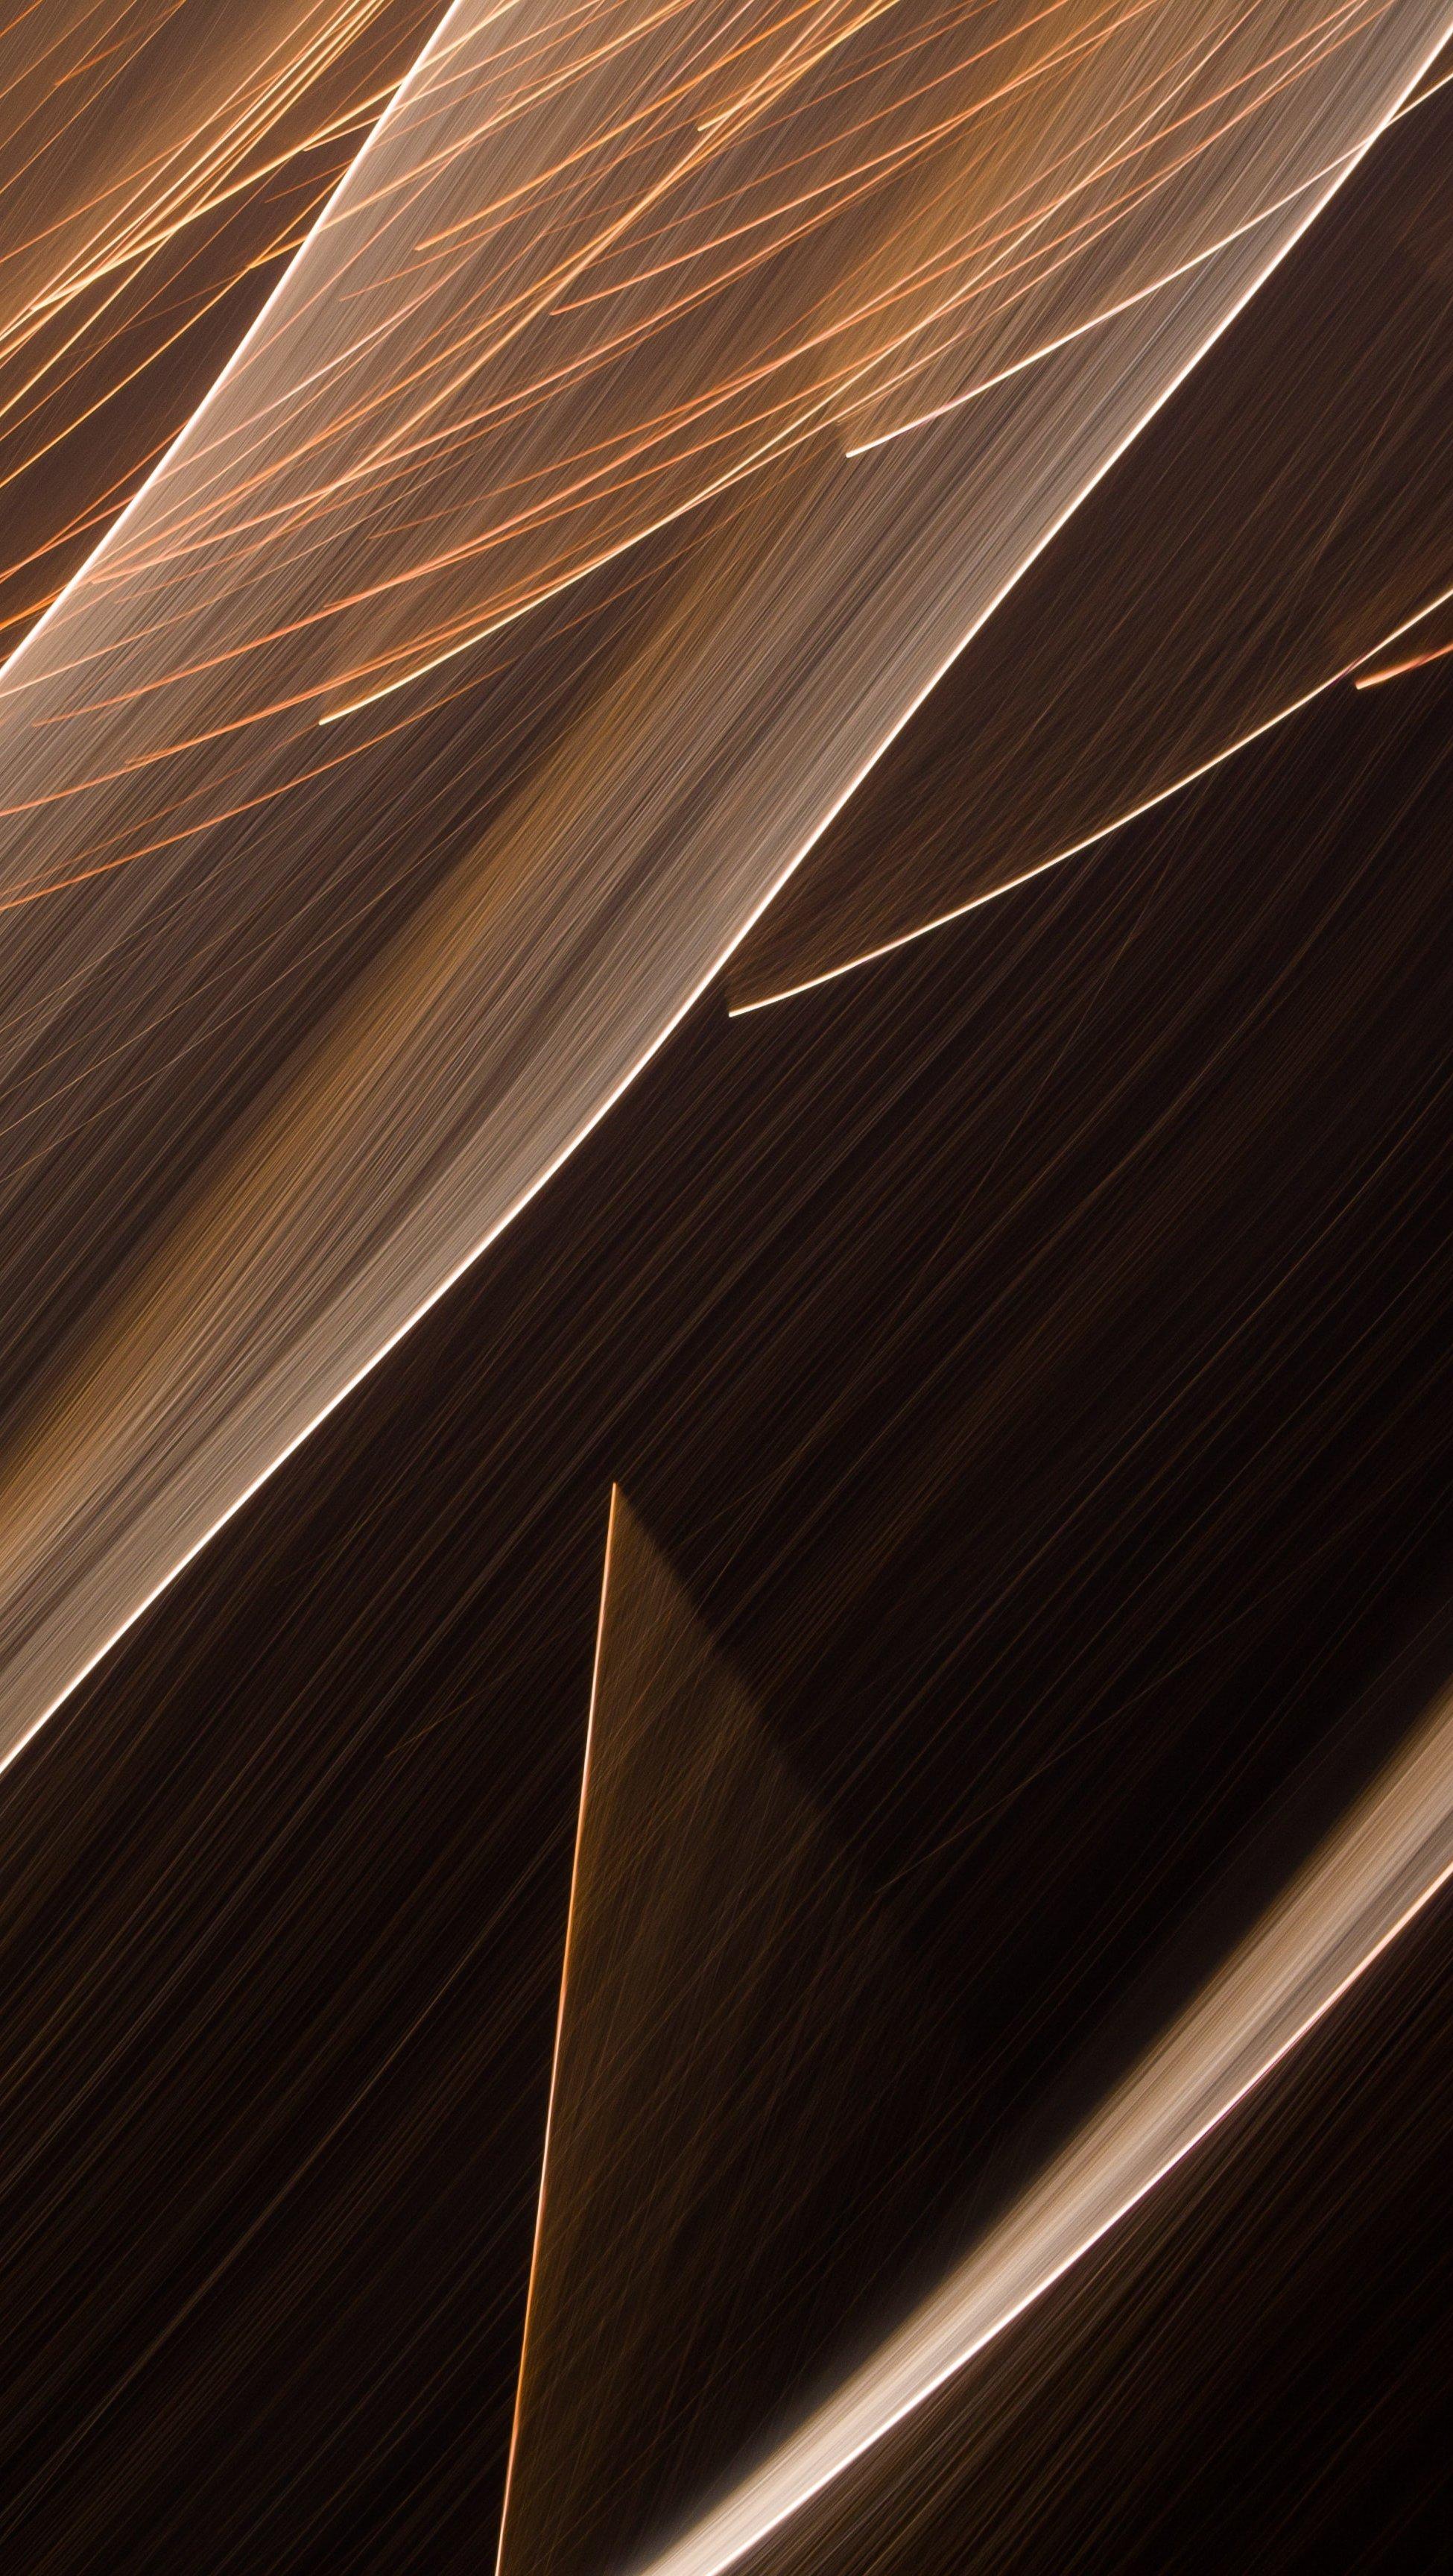 Fondos de pantalla Lineas iluminadas color café Vertical